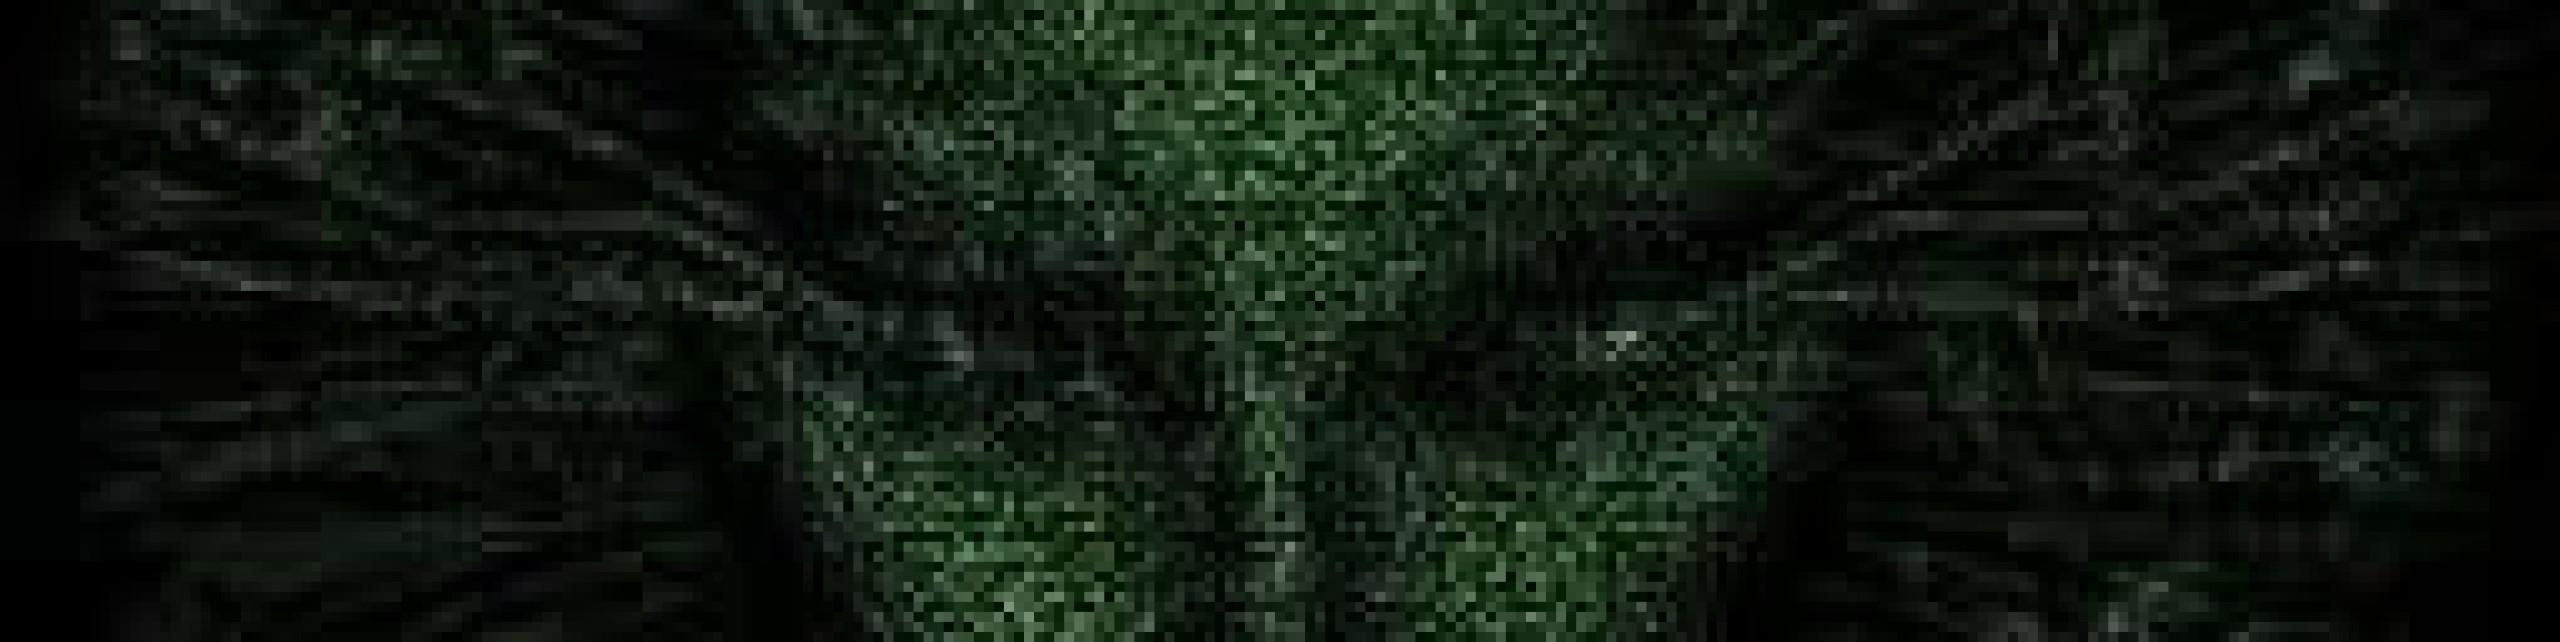 cropped-563113_10150753467498571_589588570_9719234_667891583_n4.jpg